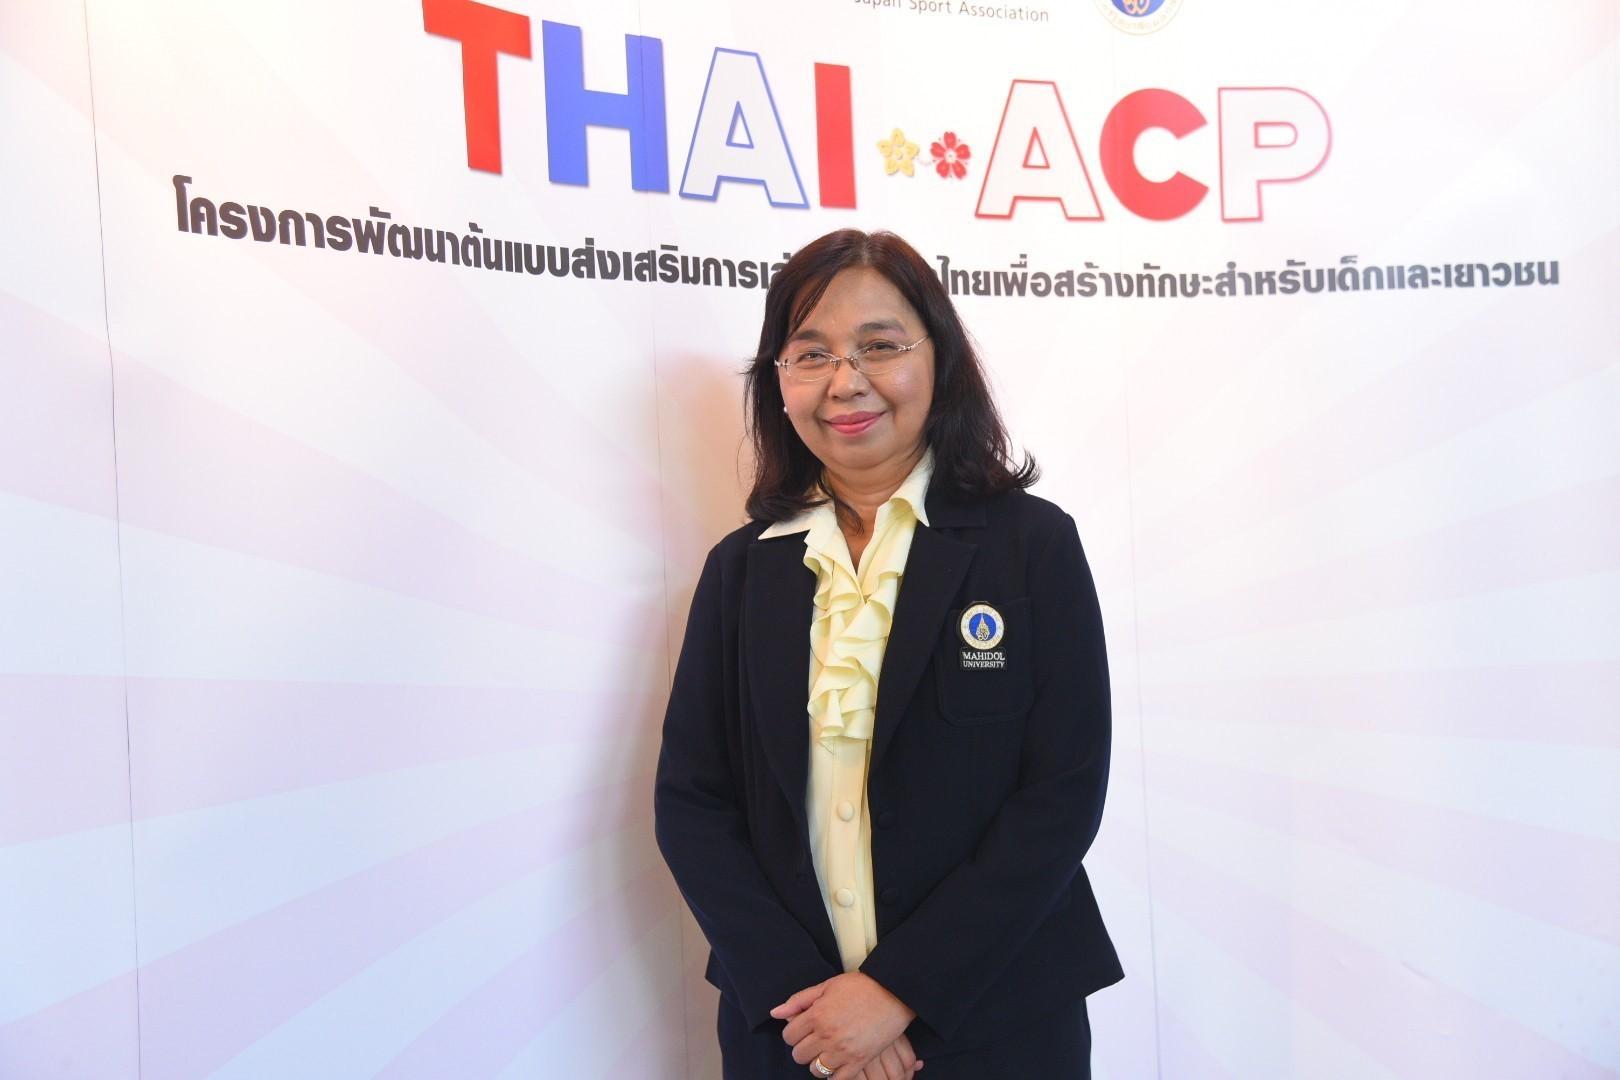 สสส.นำการละเล่นไทยใช้แก้ปัญหาเด็ก